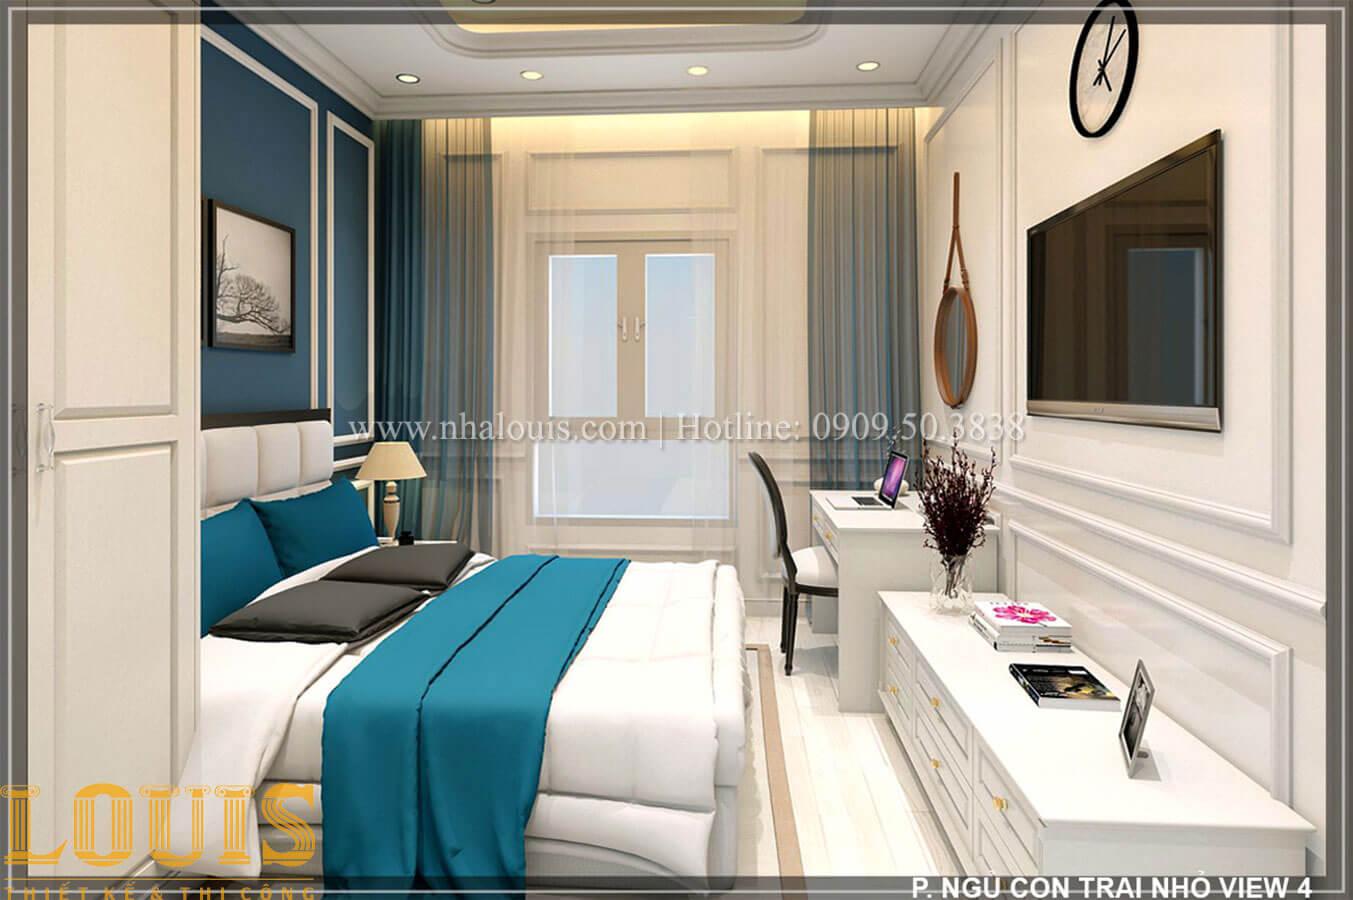 Phòng ngủ Thiết kế tiệm vàng 5 tầng tân cổ điển đẹp không tì vết tại Nhà Bè - 29